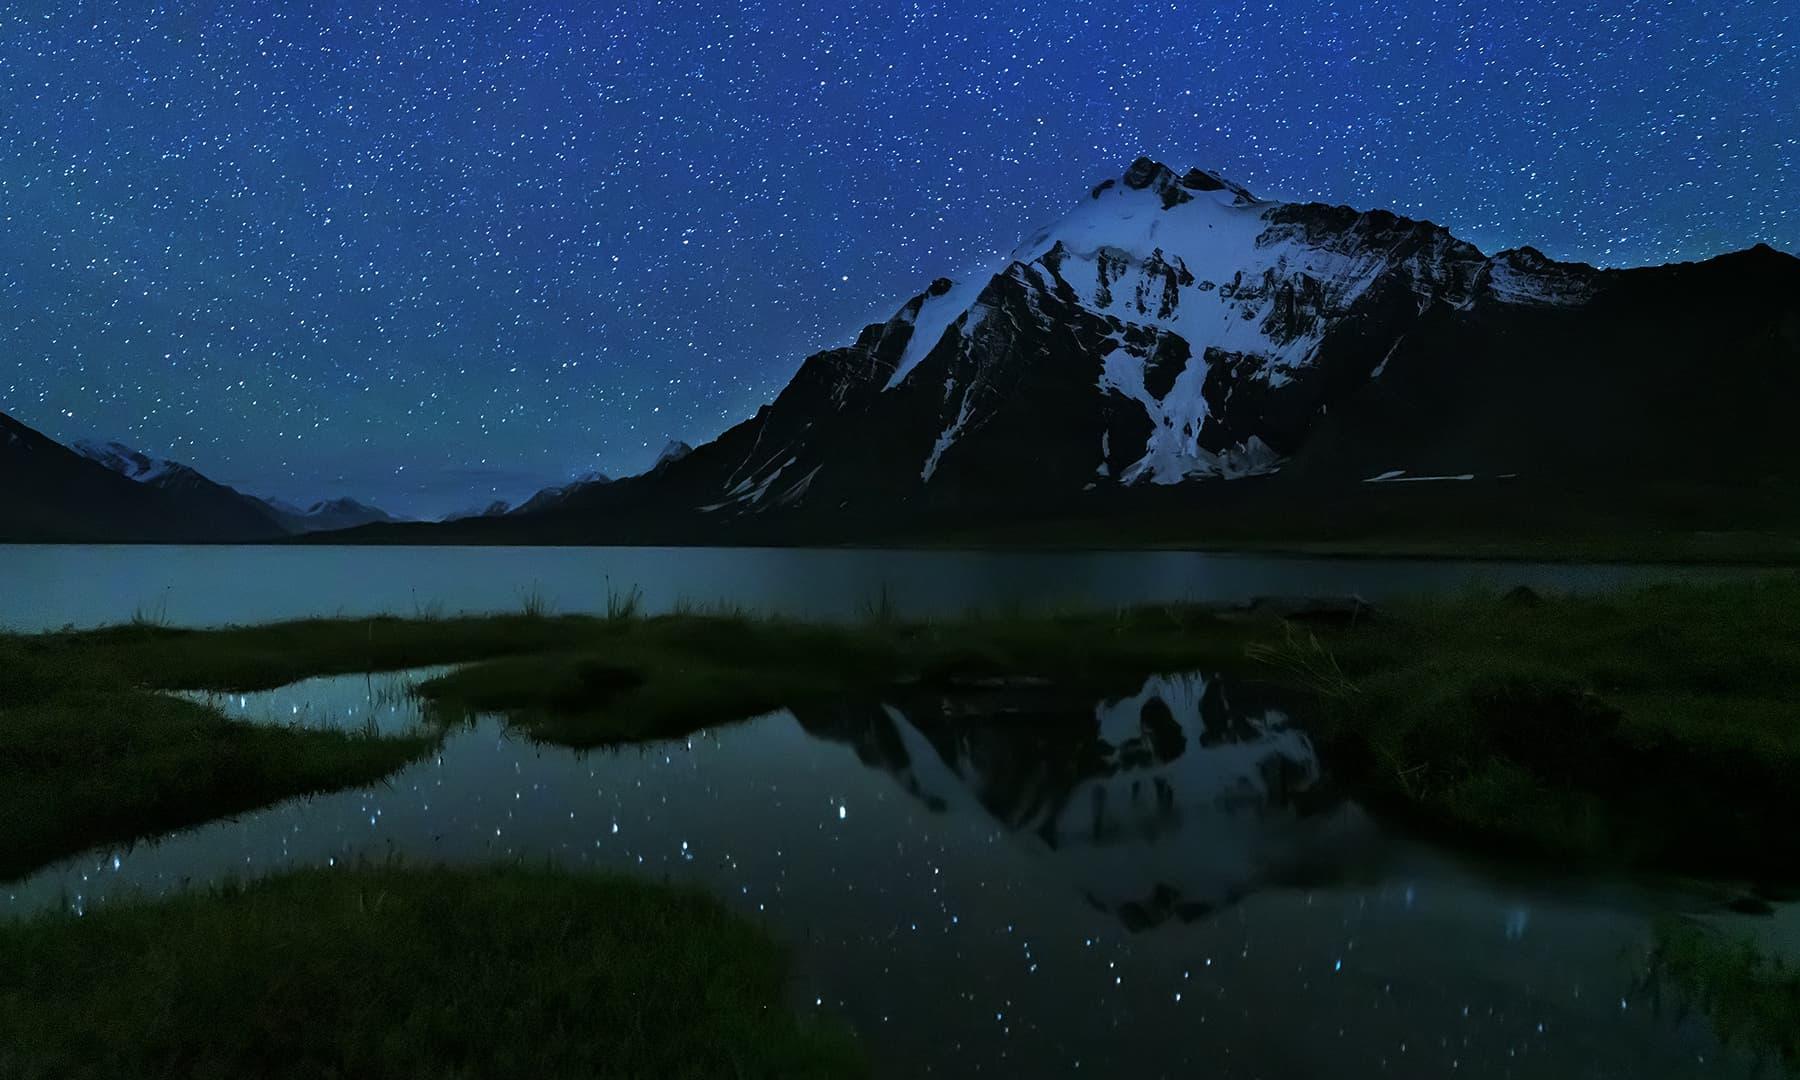 کرومبر جھیل اور تاروں بھری رات—سید مہدی بخاری